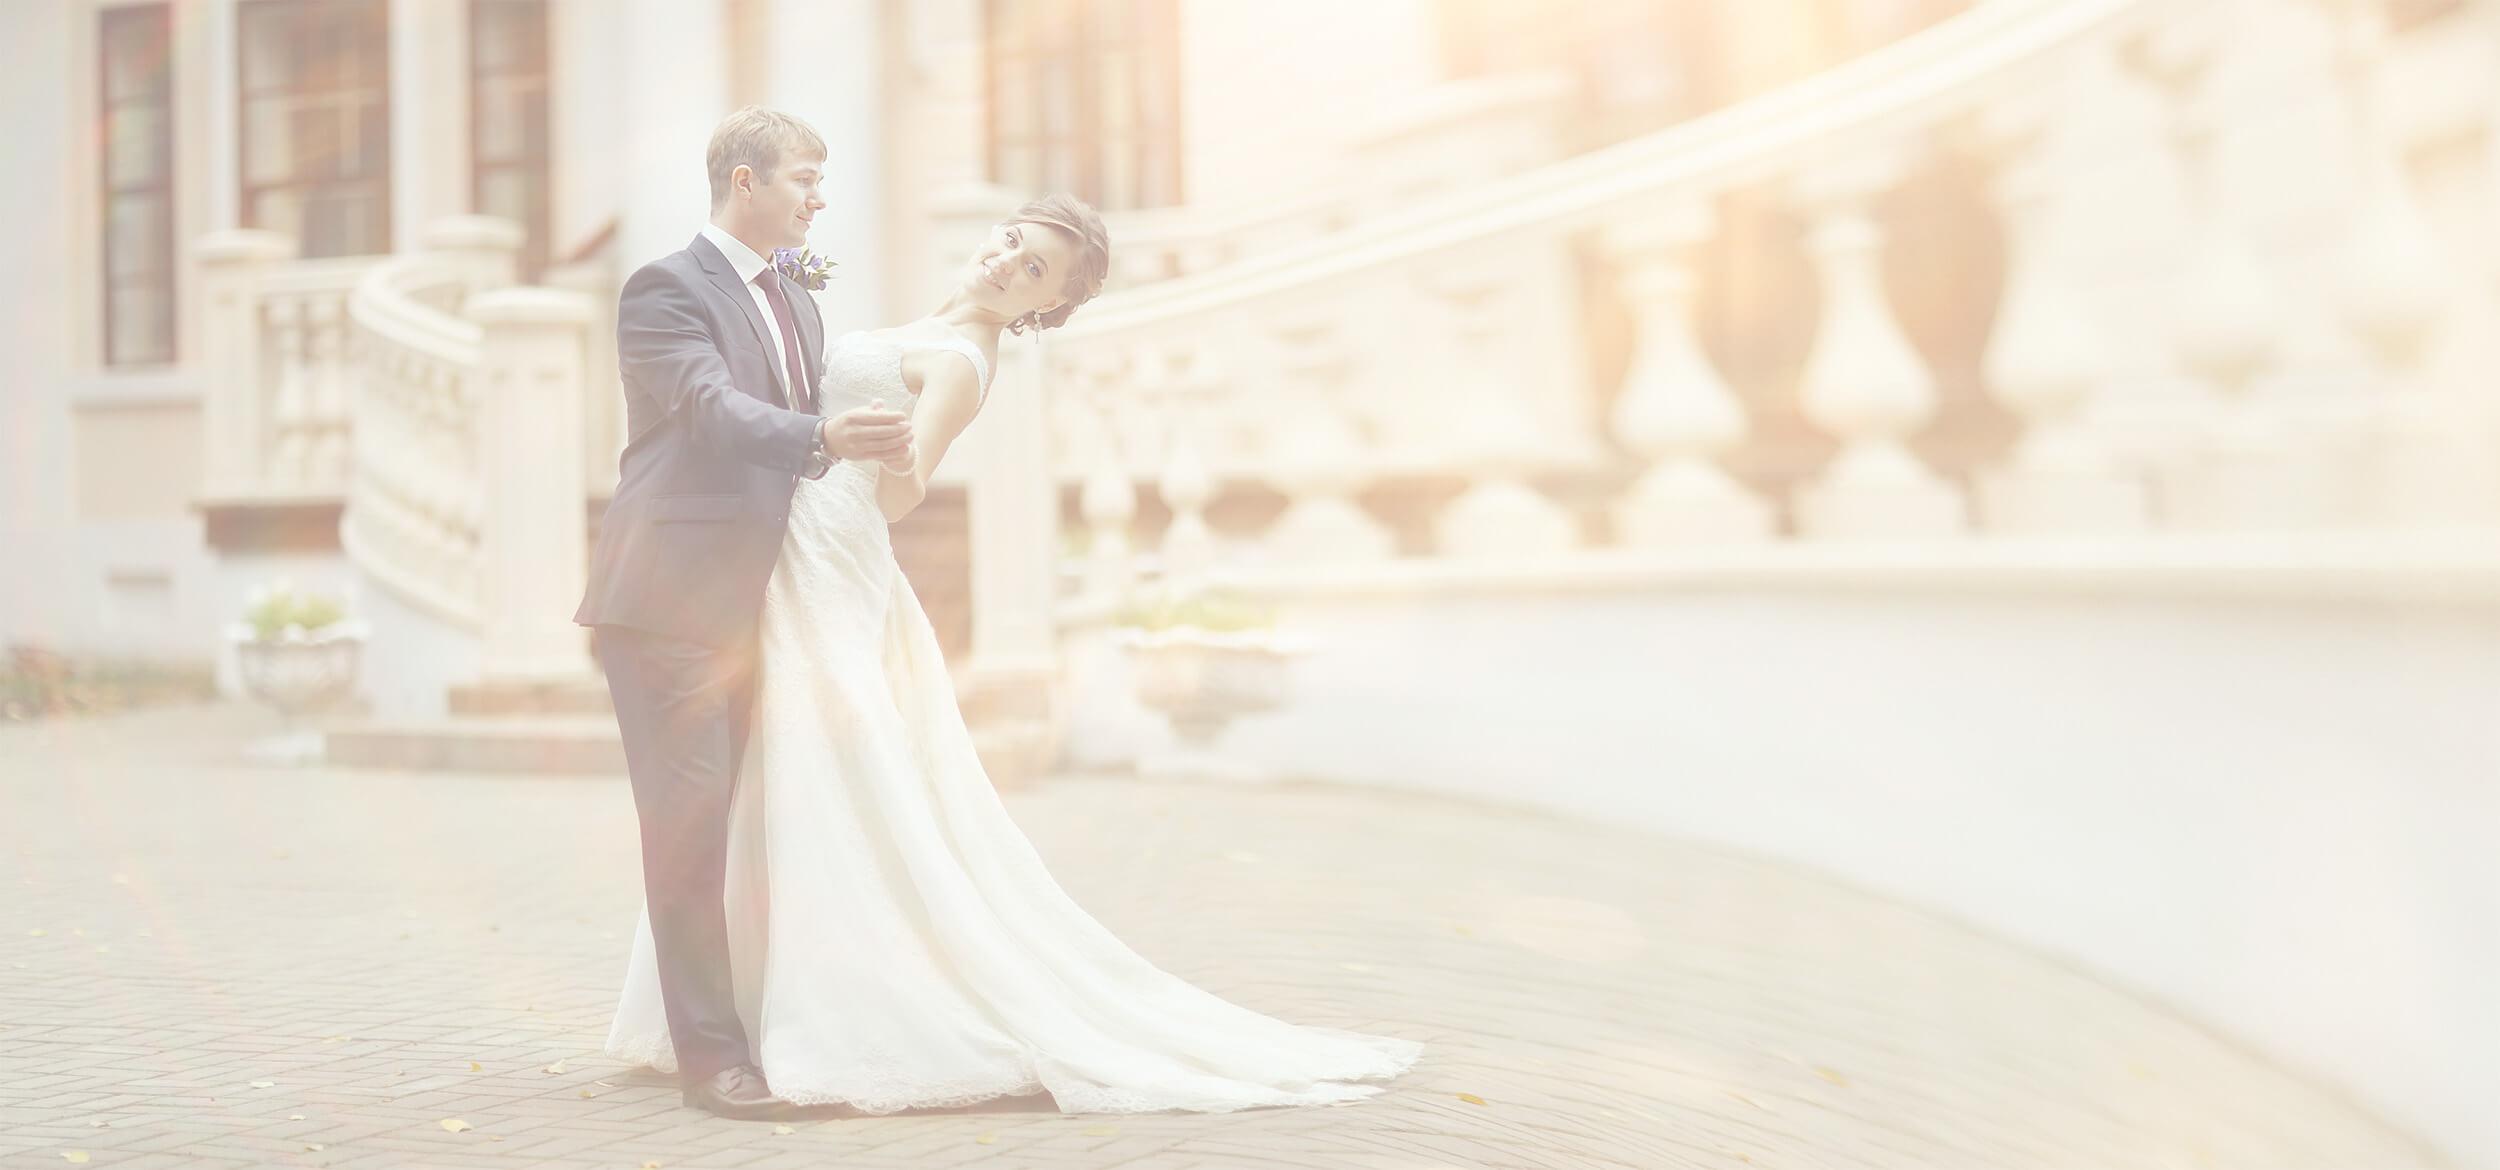 articoli-per-cerimonie-e-matrimoni-pozzuoli